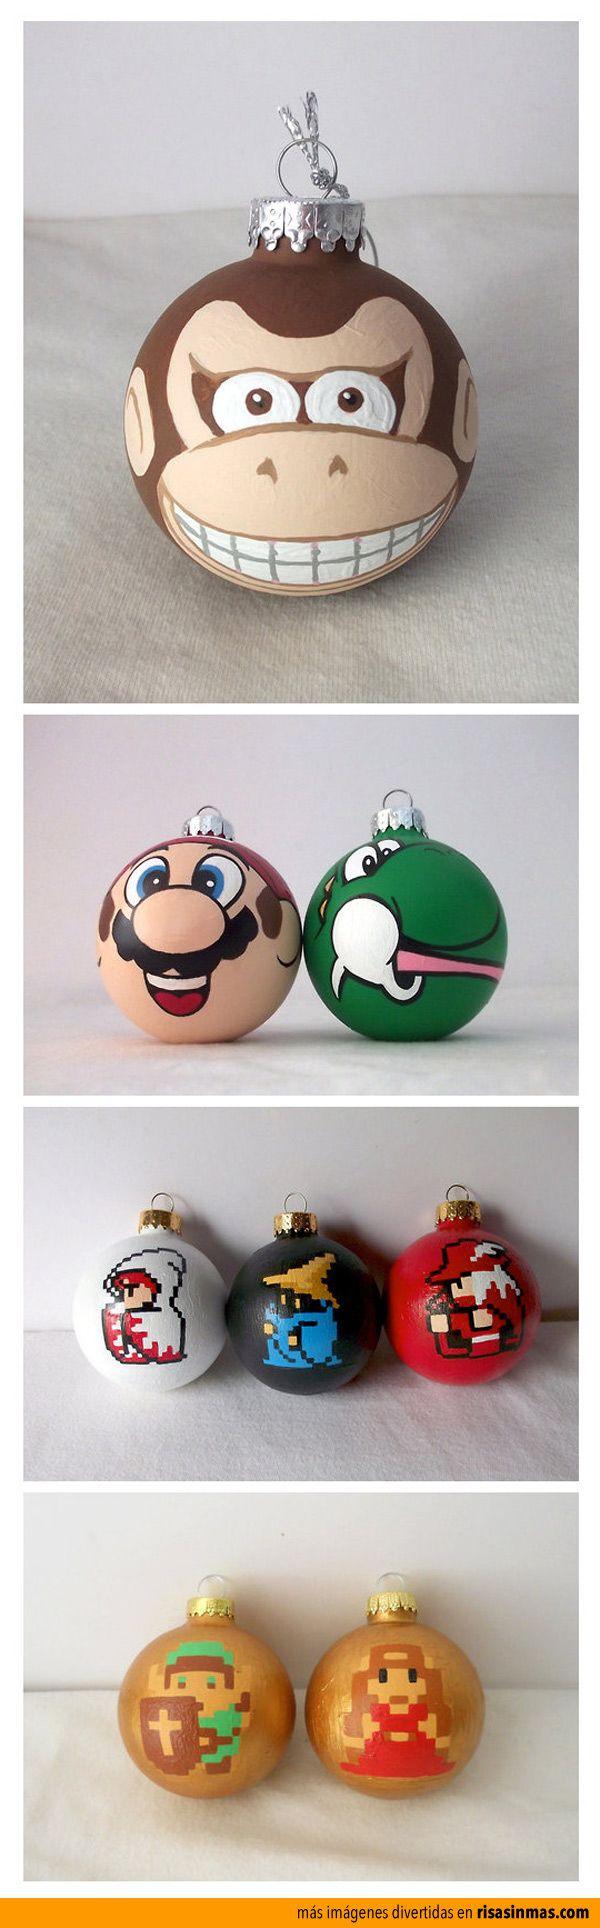 Prepara la navidad con Nintendo.